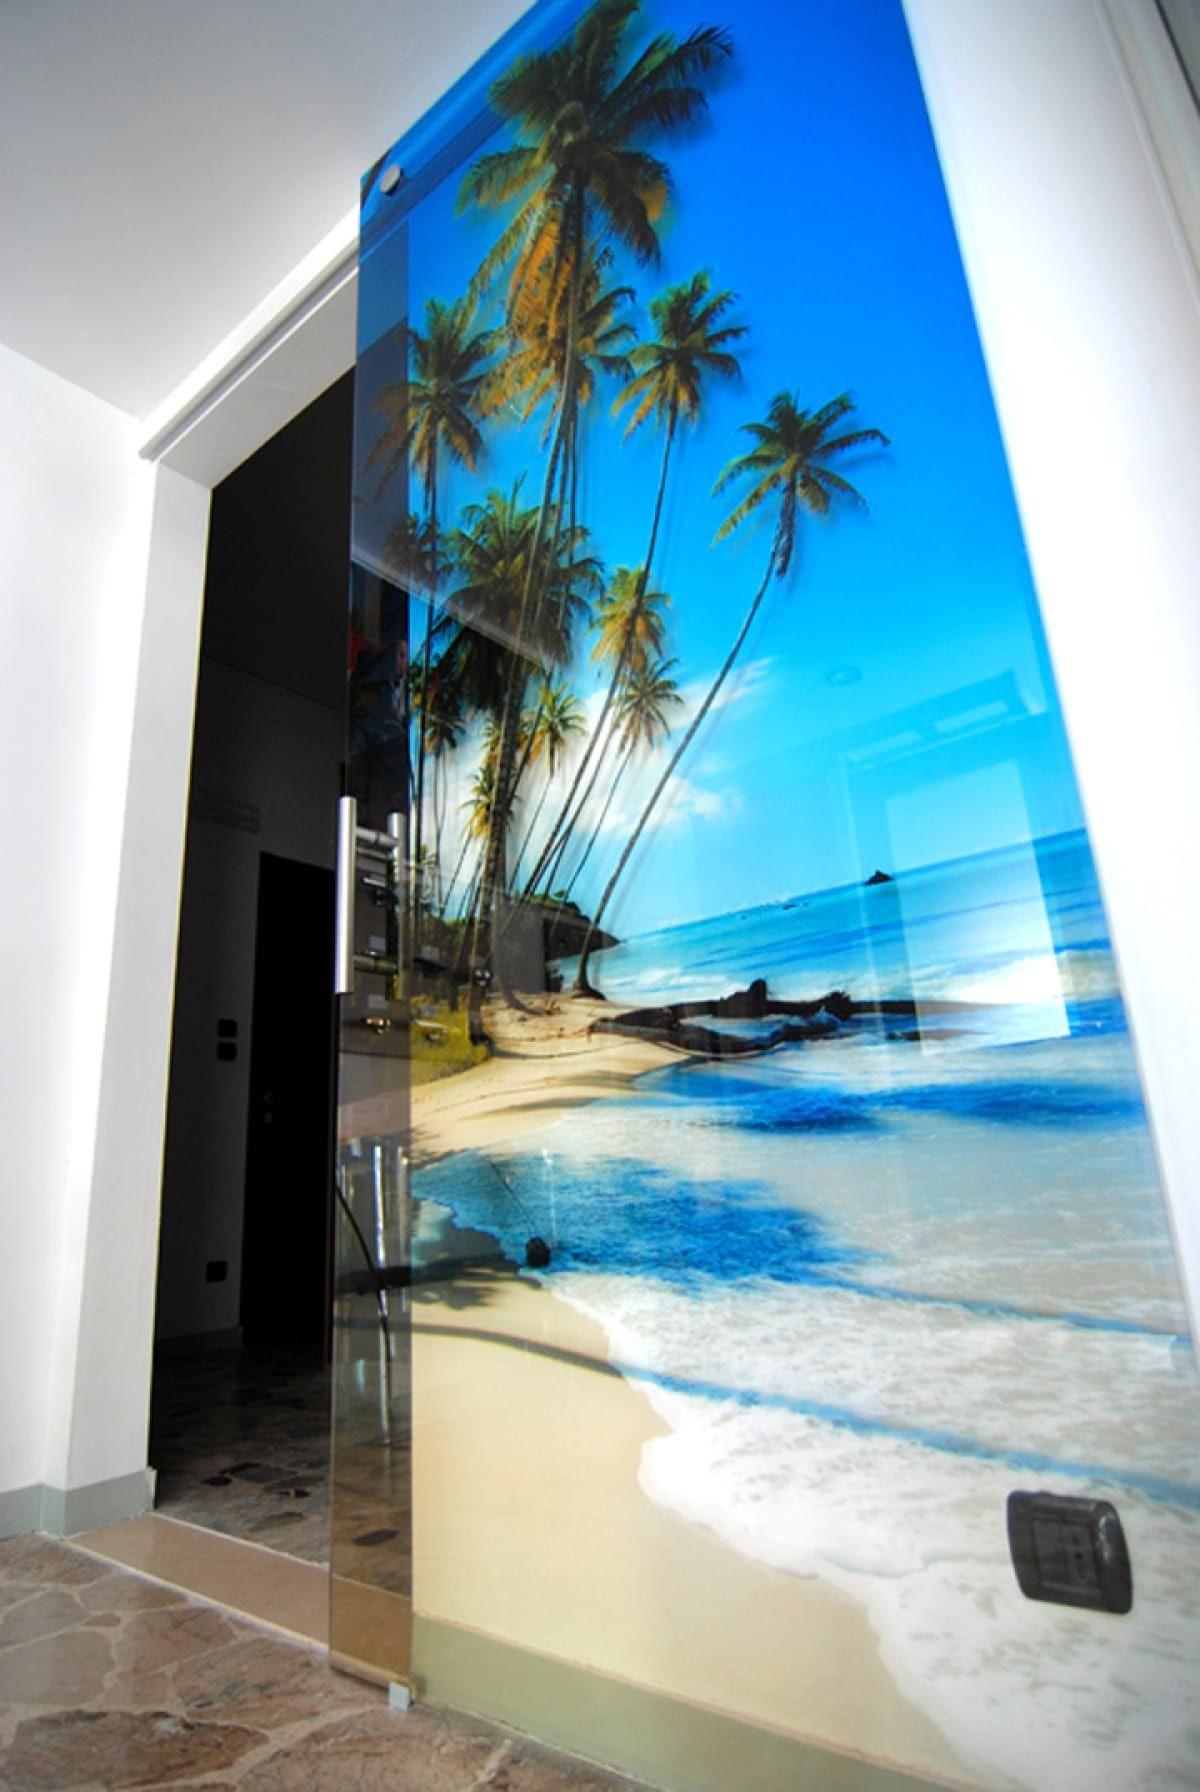 Glass door photo printing